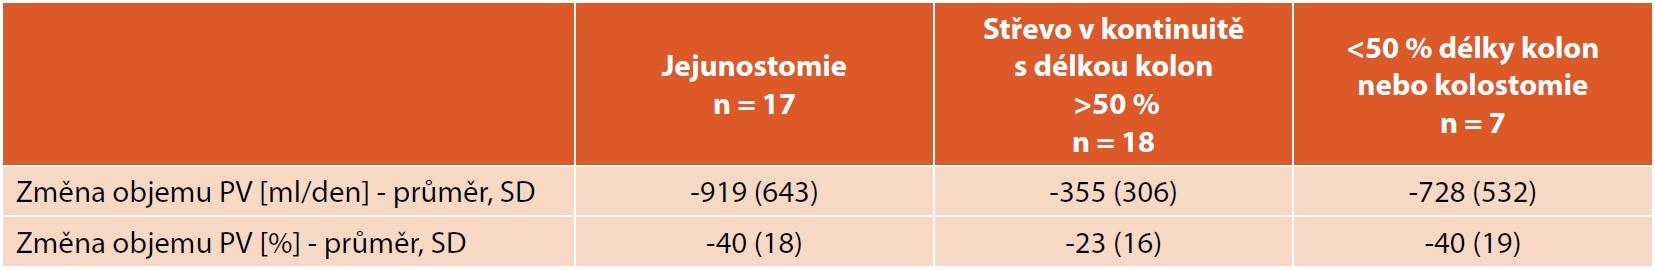 Redukce objemu parenterální výživy u pacientů léčených teduglutidem v závislosti na anatomii reziduálního střeva [7].